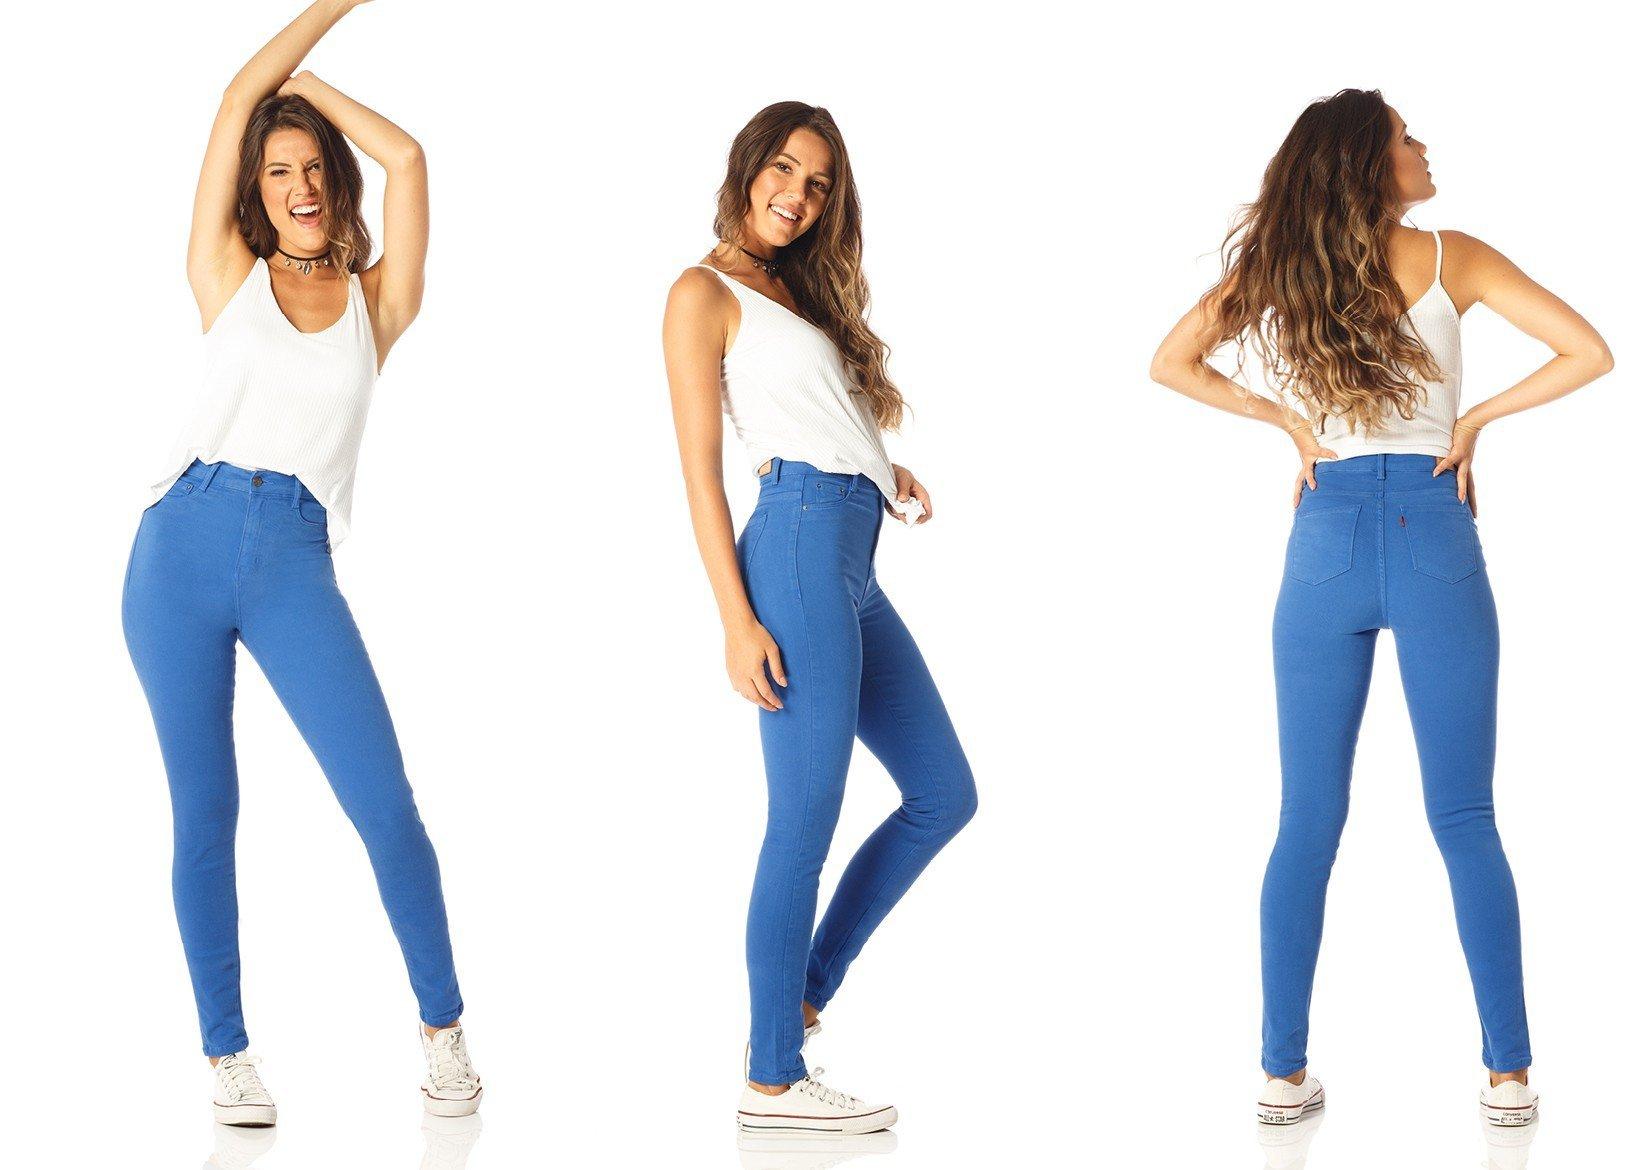 109571ce7ef3a Calça Jeans Feminina Color Skinny Cintura Alta - DZ2528